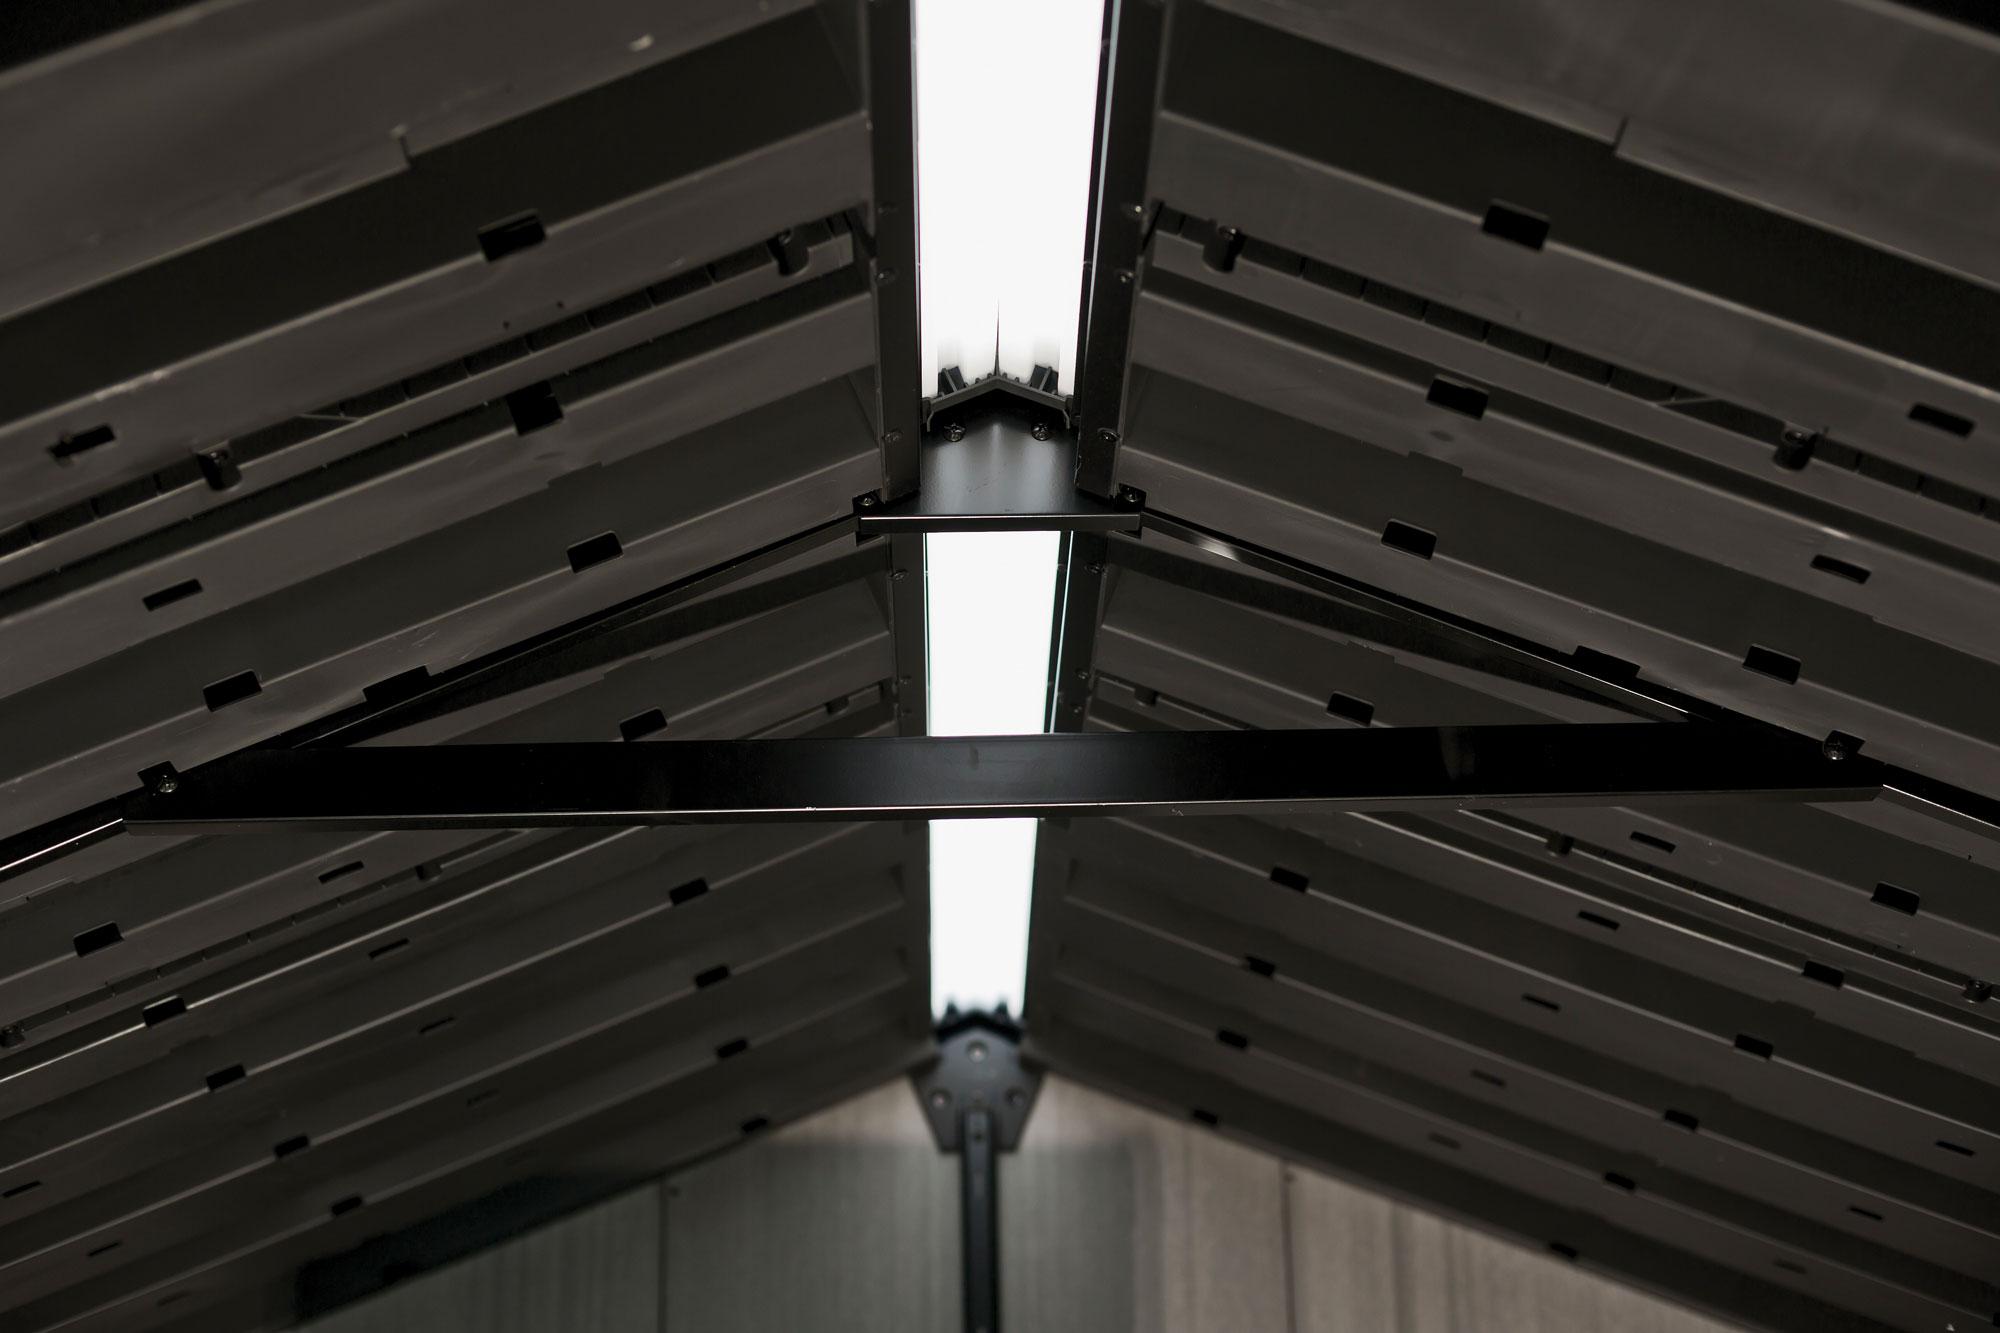 Keter DUOTECH Gerätehaus Oakland 1175 grau 350x229cm Bild 4